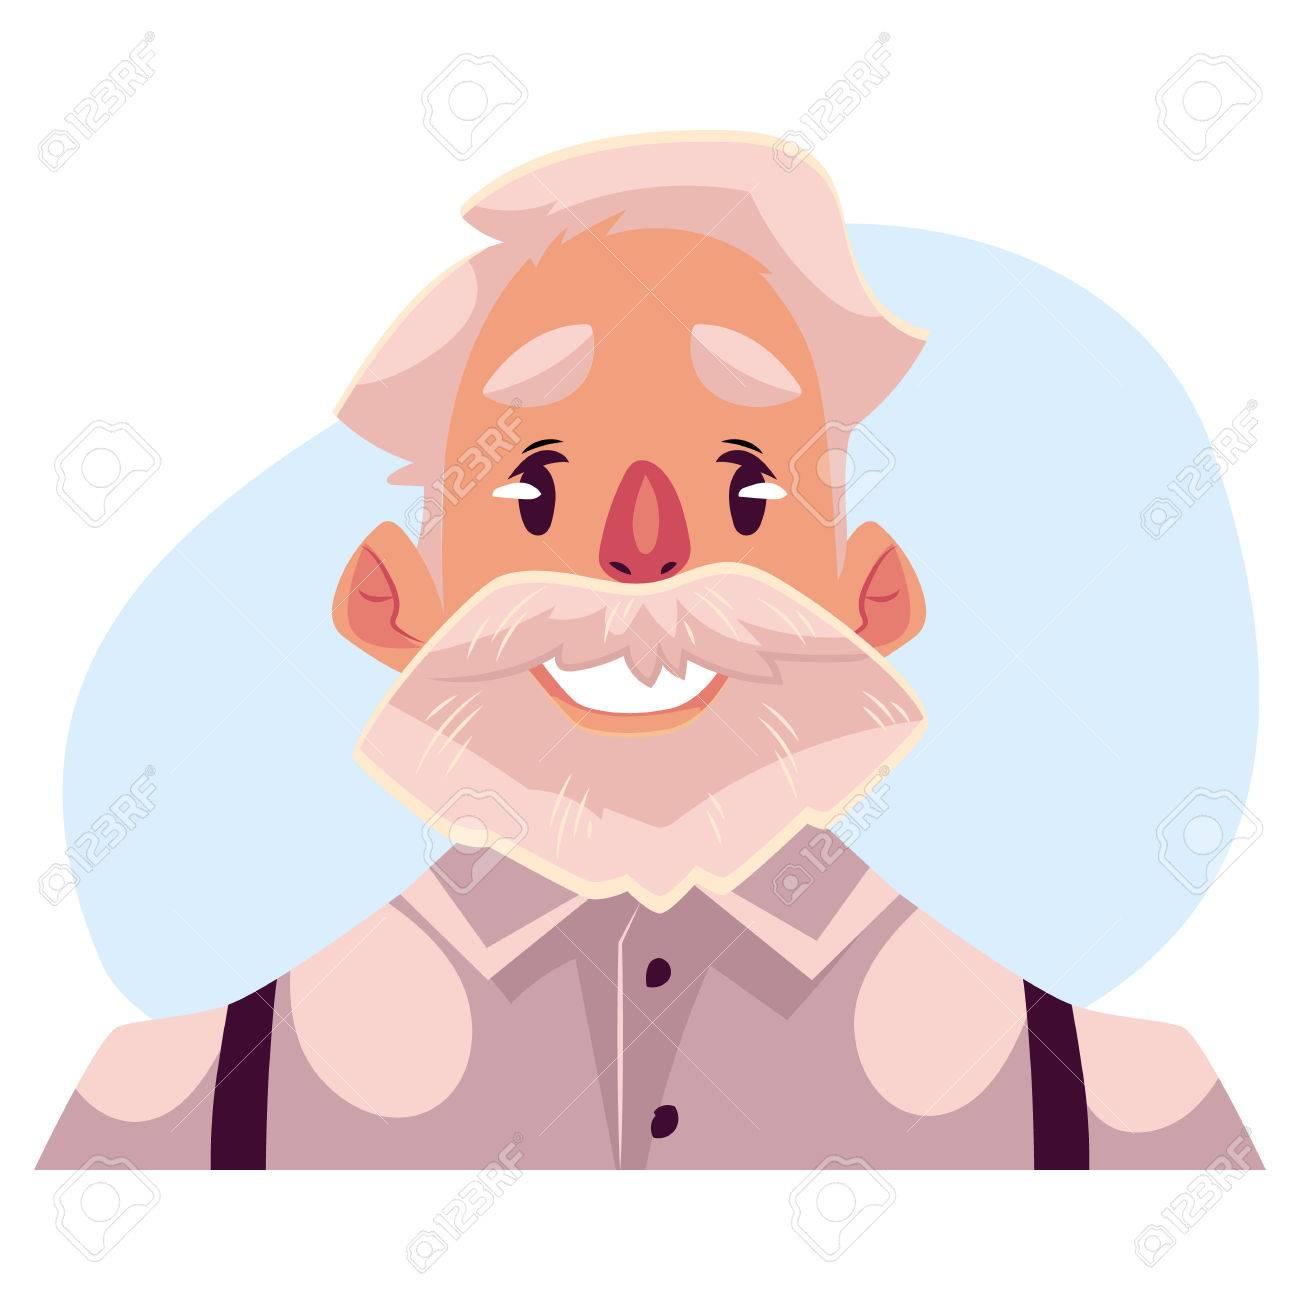 灰色髪老人の顔、表情、青の背景に分離された漫画ベクトル イラストの